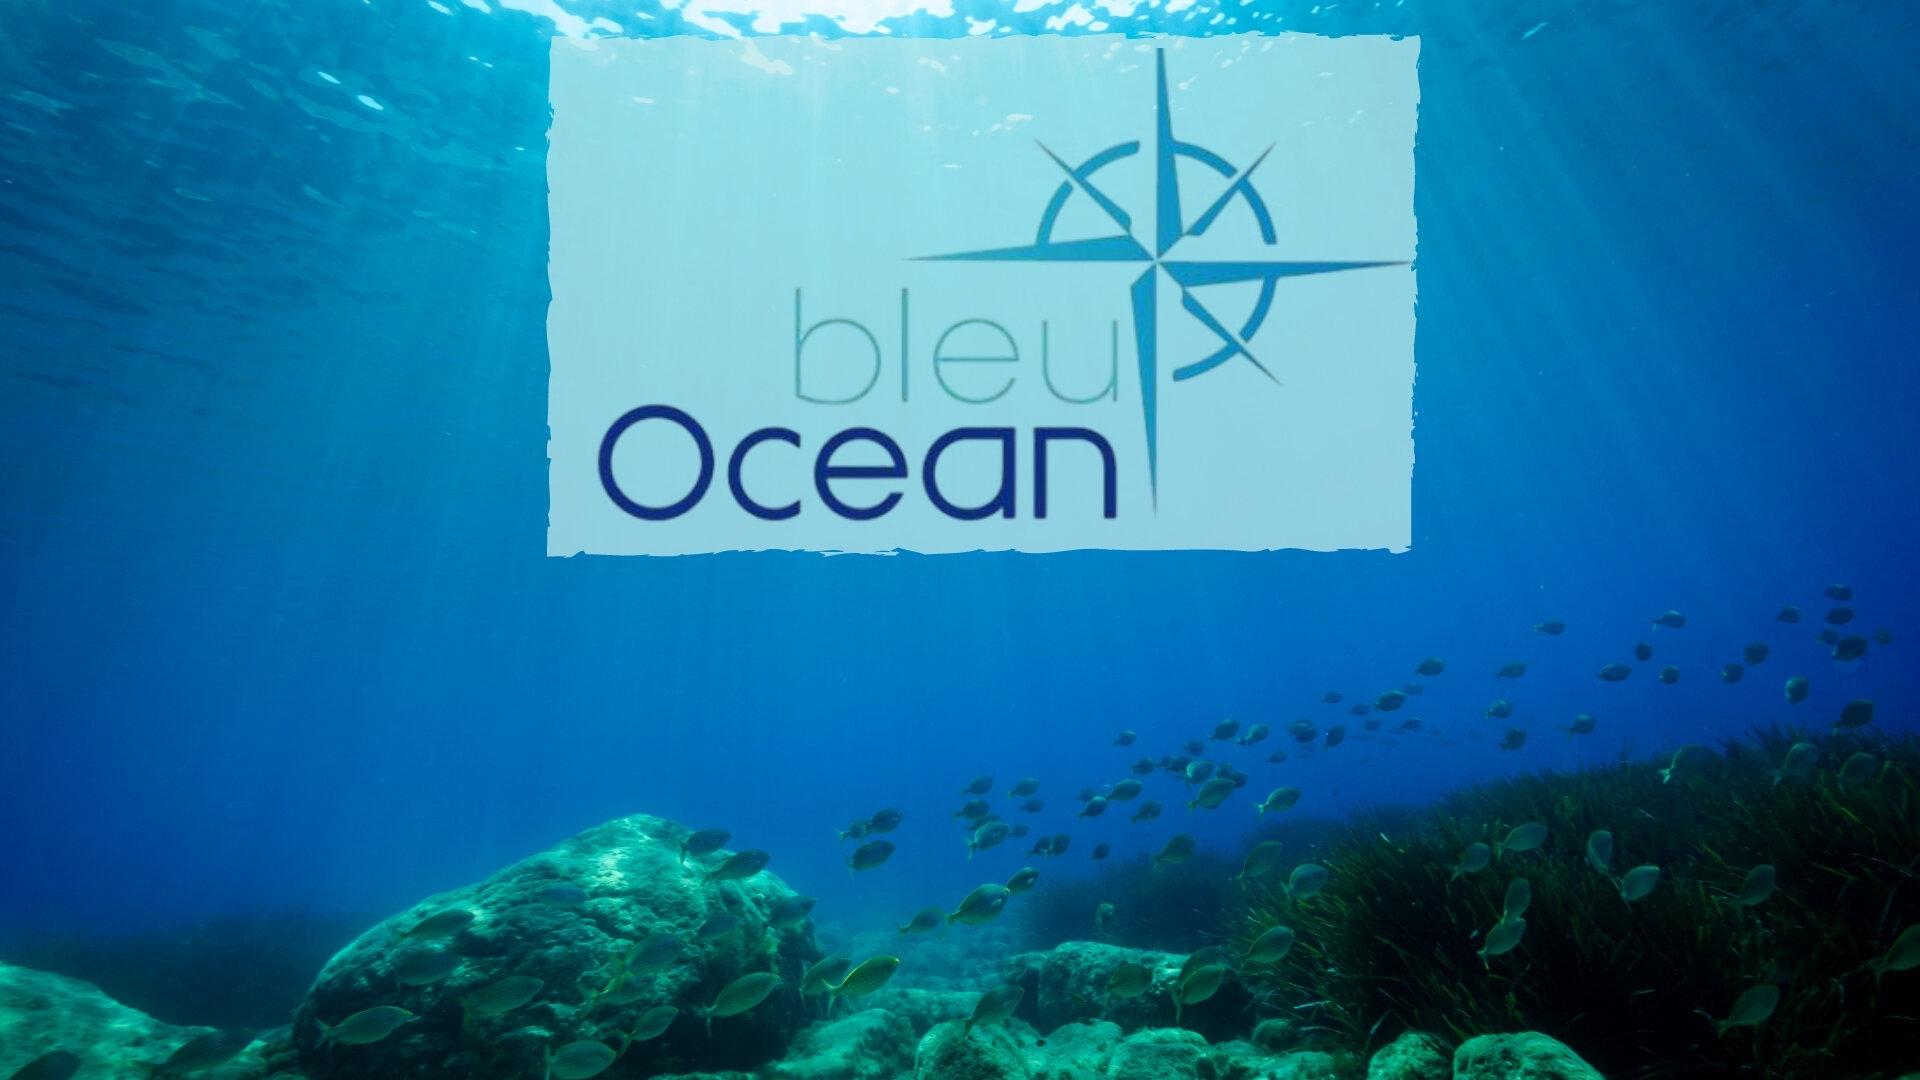 Bleu océan : La montée des eaux